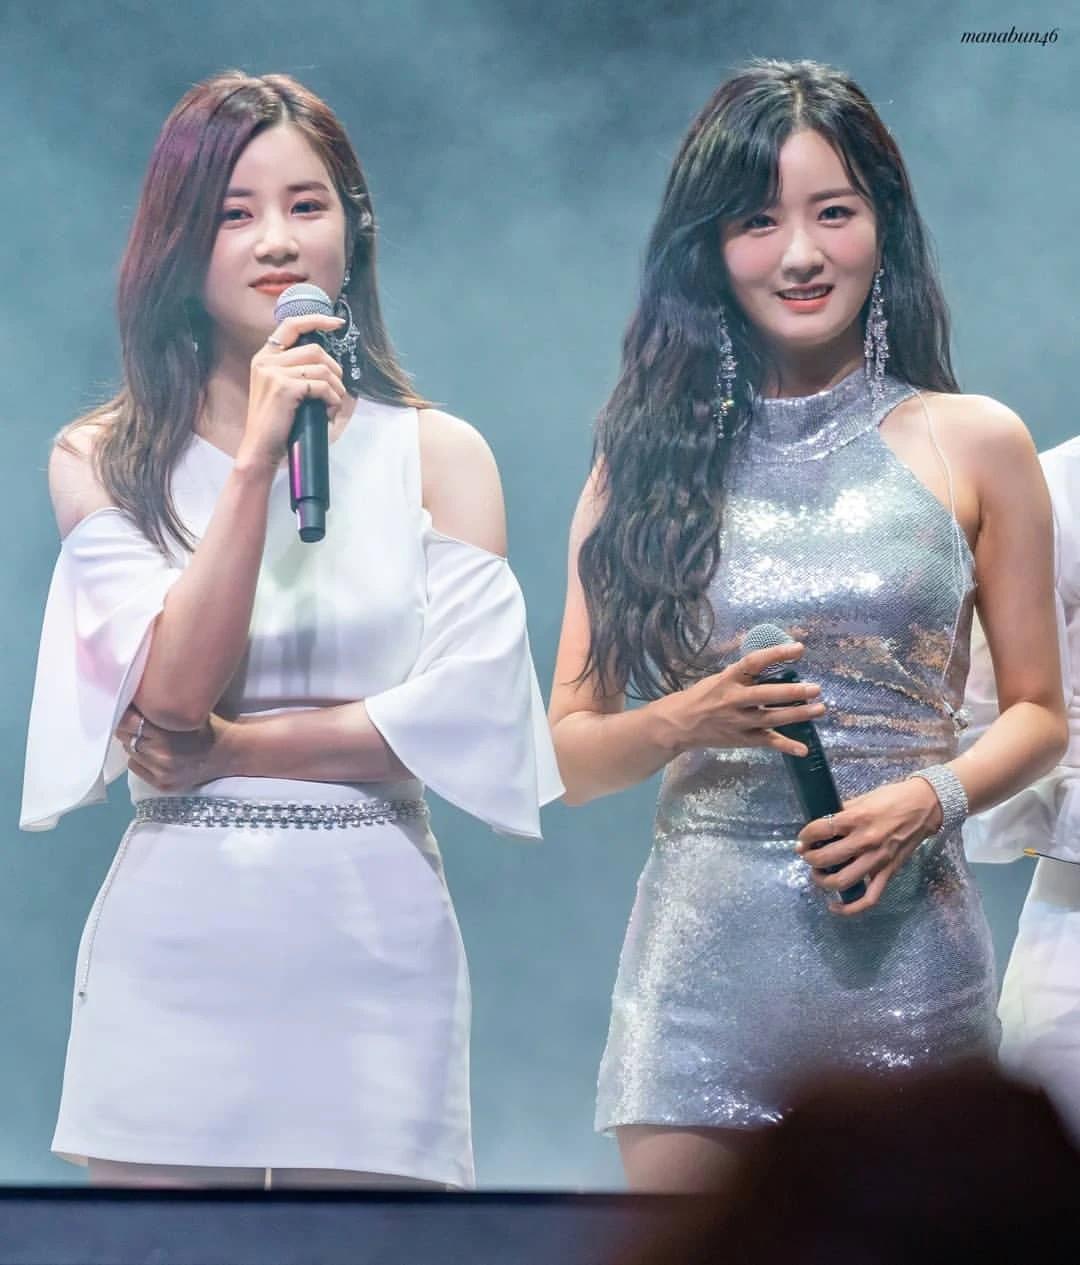 VZN News: Các nhóm nhạc Kpop có thành viên giống nhau đến khó tin: Yoona và Yuri còn chưa gây sốc bằng bộ đôi SEVENTEEN - Ảnh 25.